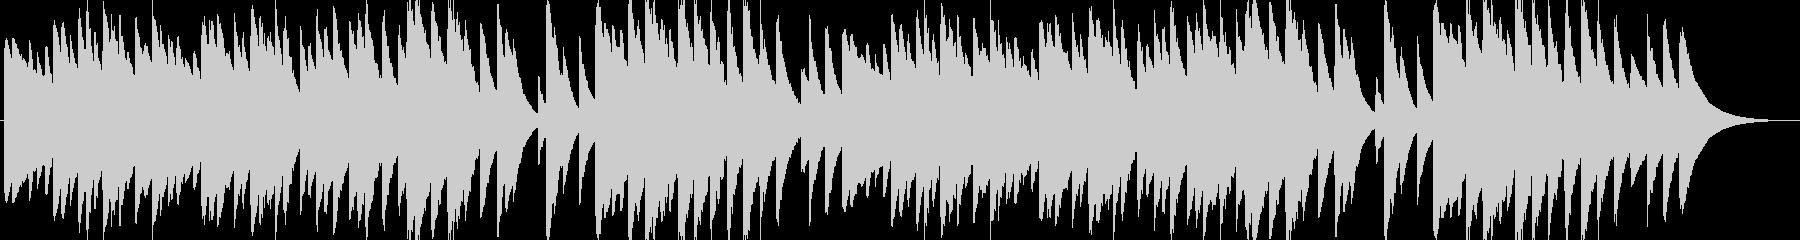 日本の歌・唱歌「ふるさと」のオルゴールの未再生の波形